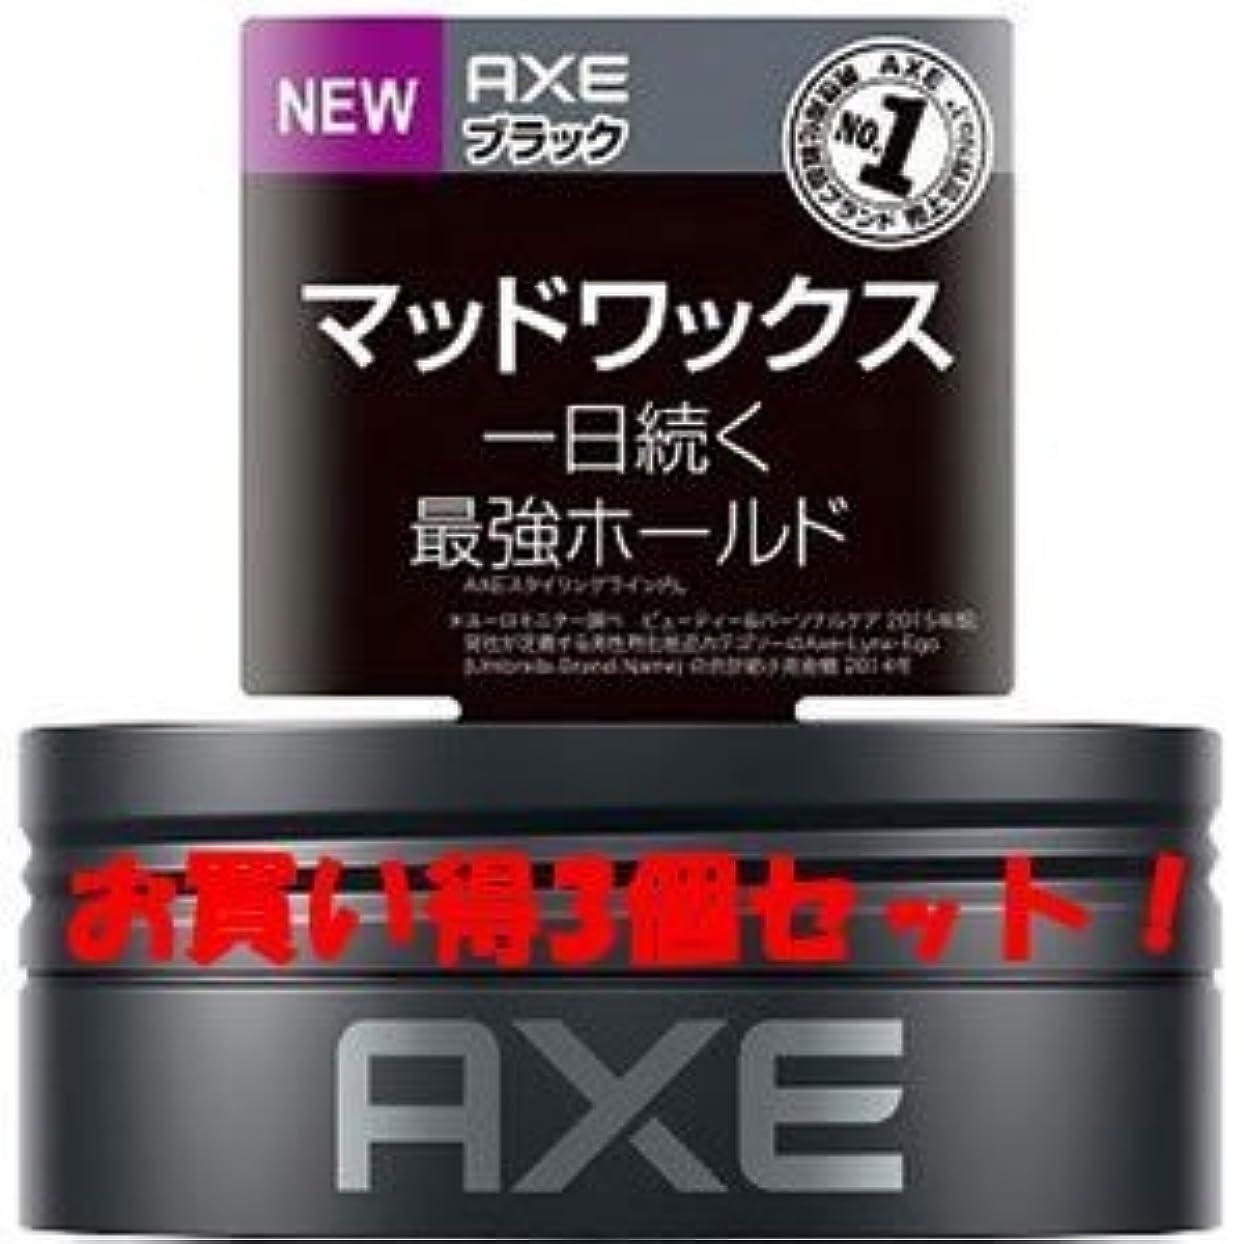 行為持続する混乱させる(2016年春の新商品)(ユニリーバ)AXE(アックス) ブラック デフィニティブホールド マッドワックス 65g(お買い得3個セット)